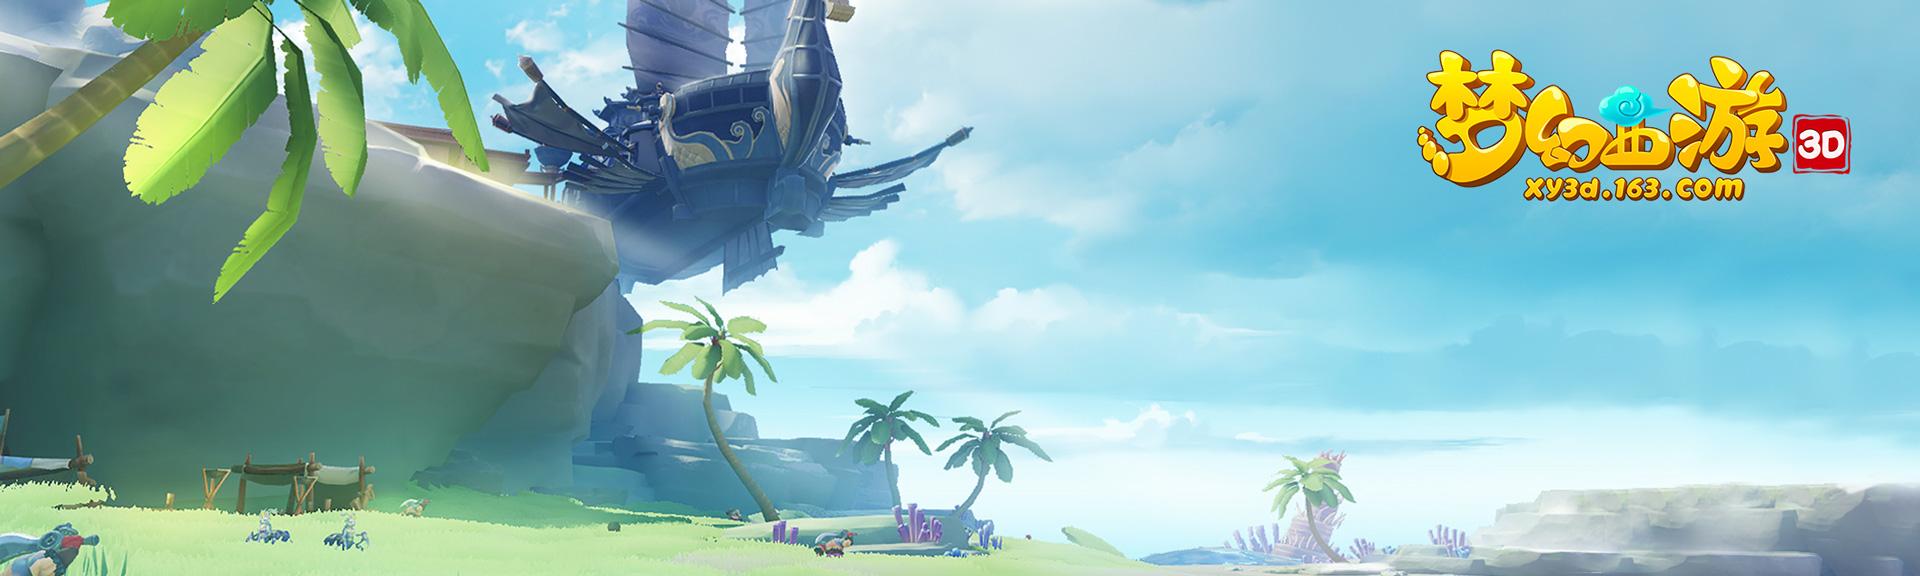 初心梦不改 《梦幻西游3D》手游与你相约2018梦幻西游嘉年华